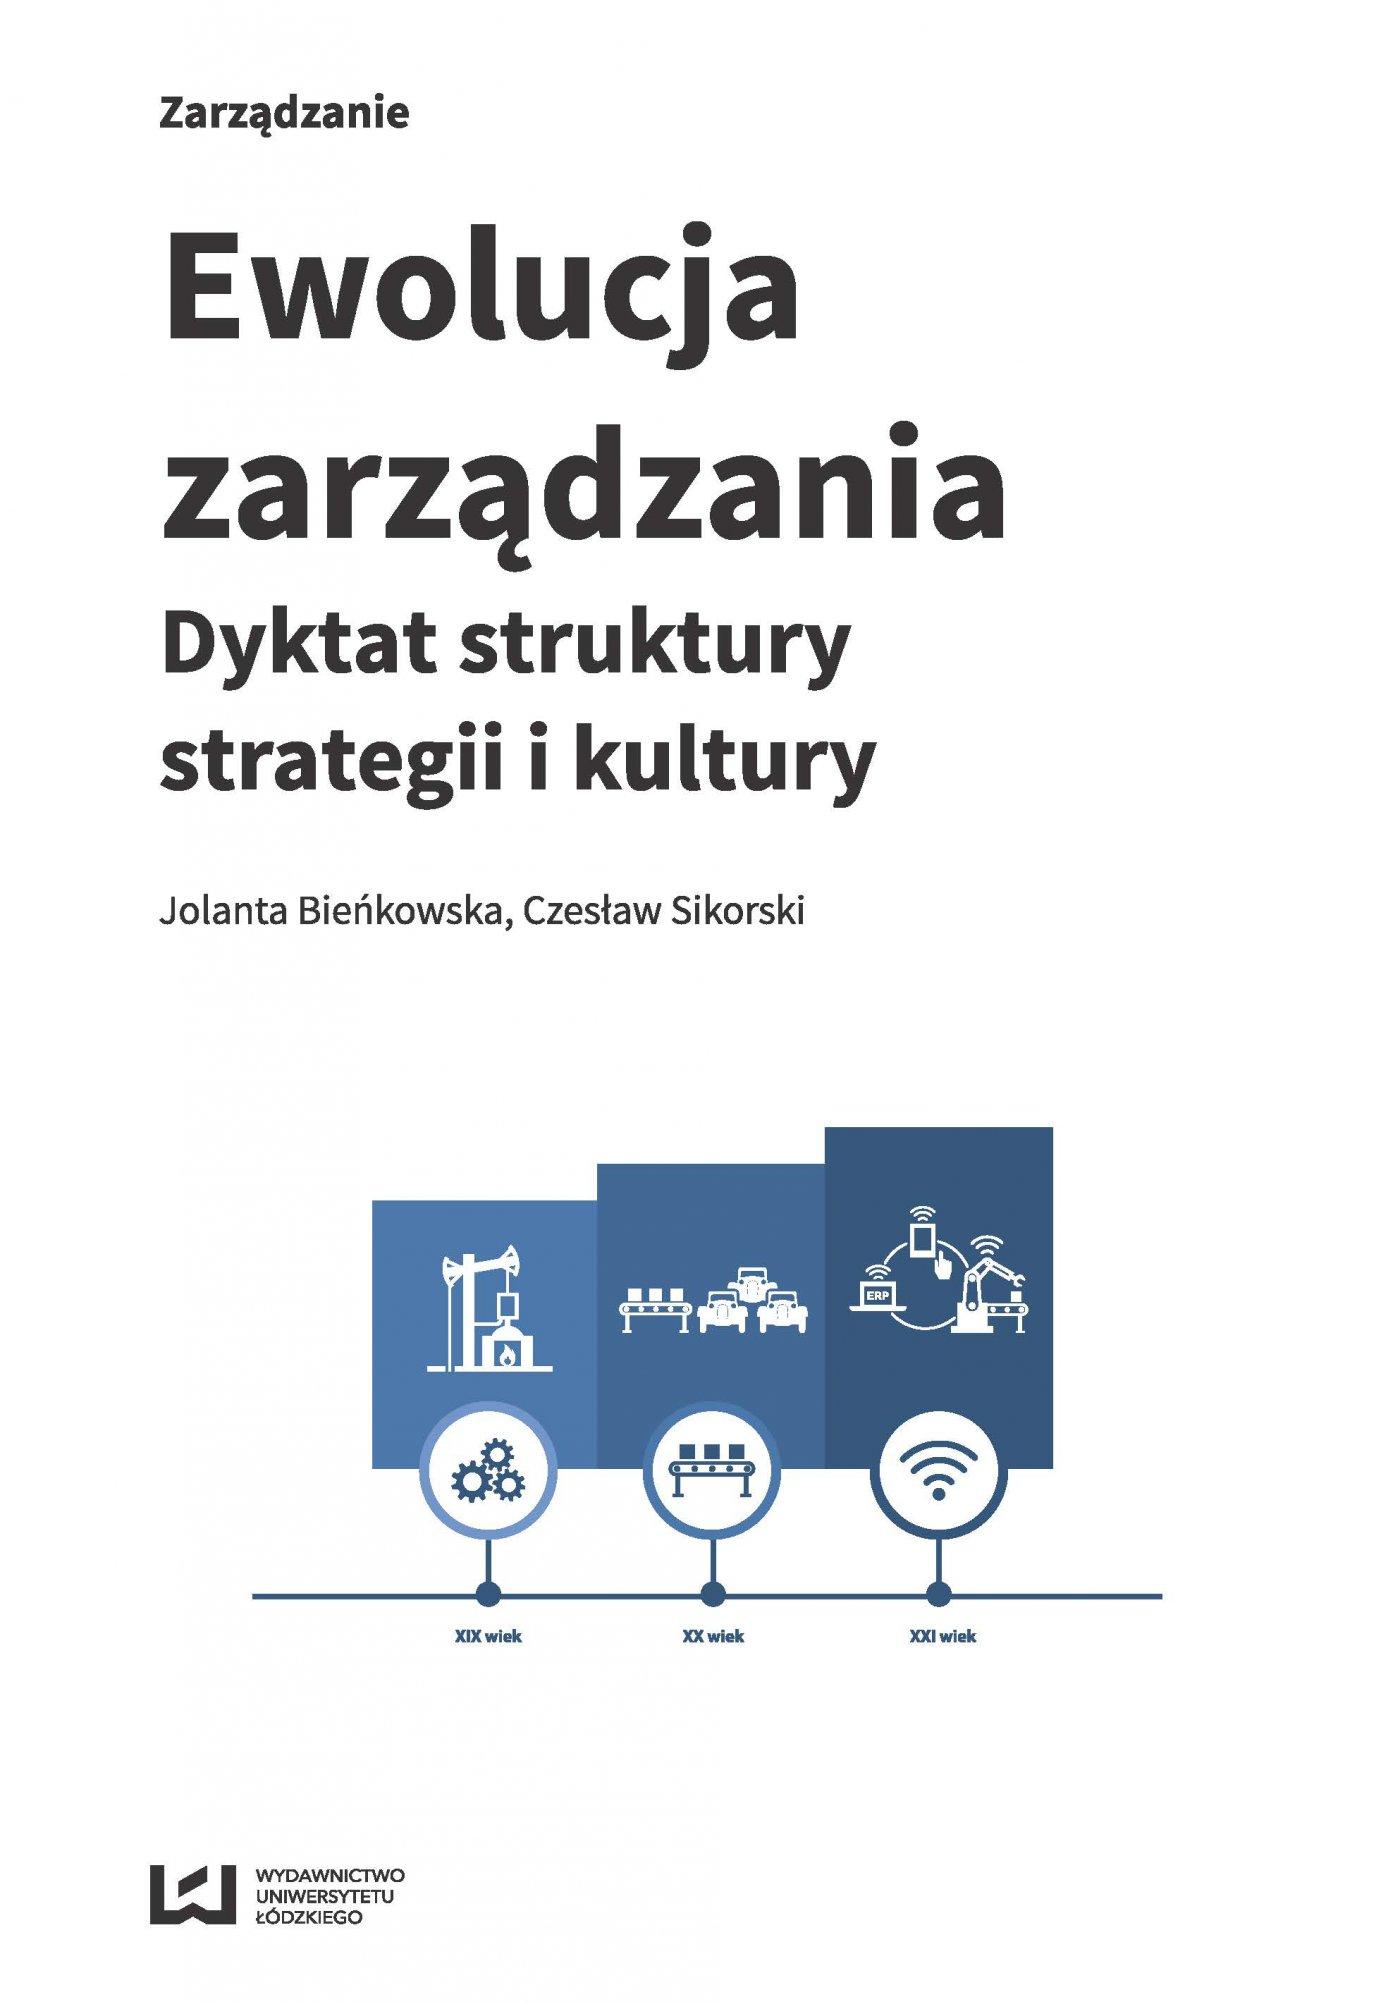 Ewolucja zarządzania. Dyktat struktury, strategii i kultury - Ebook (Książka PDF) do pobrania w formacie PDF